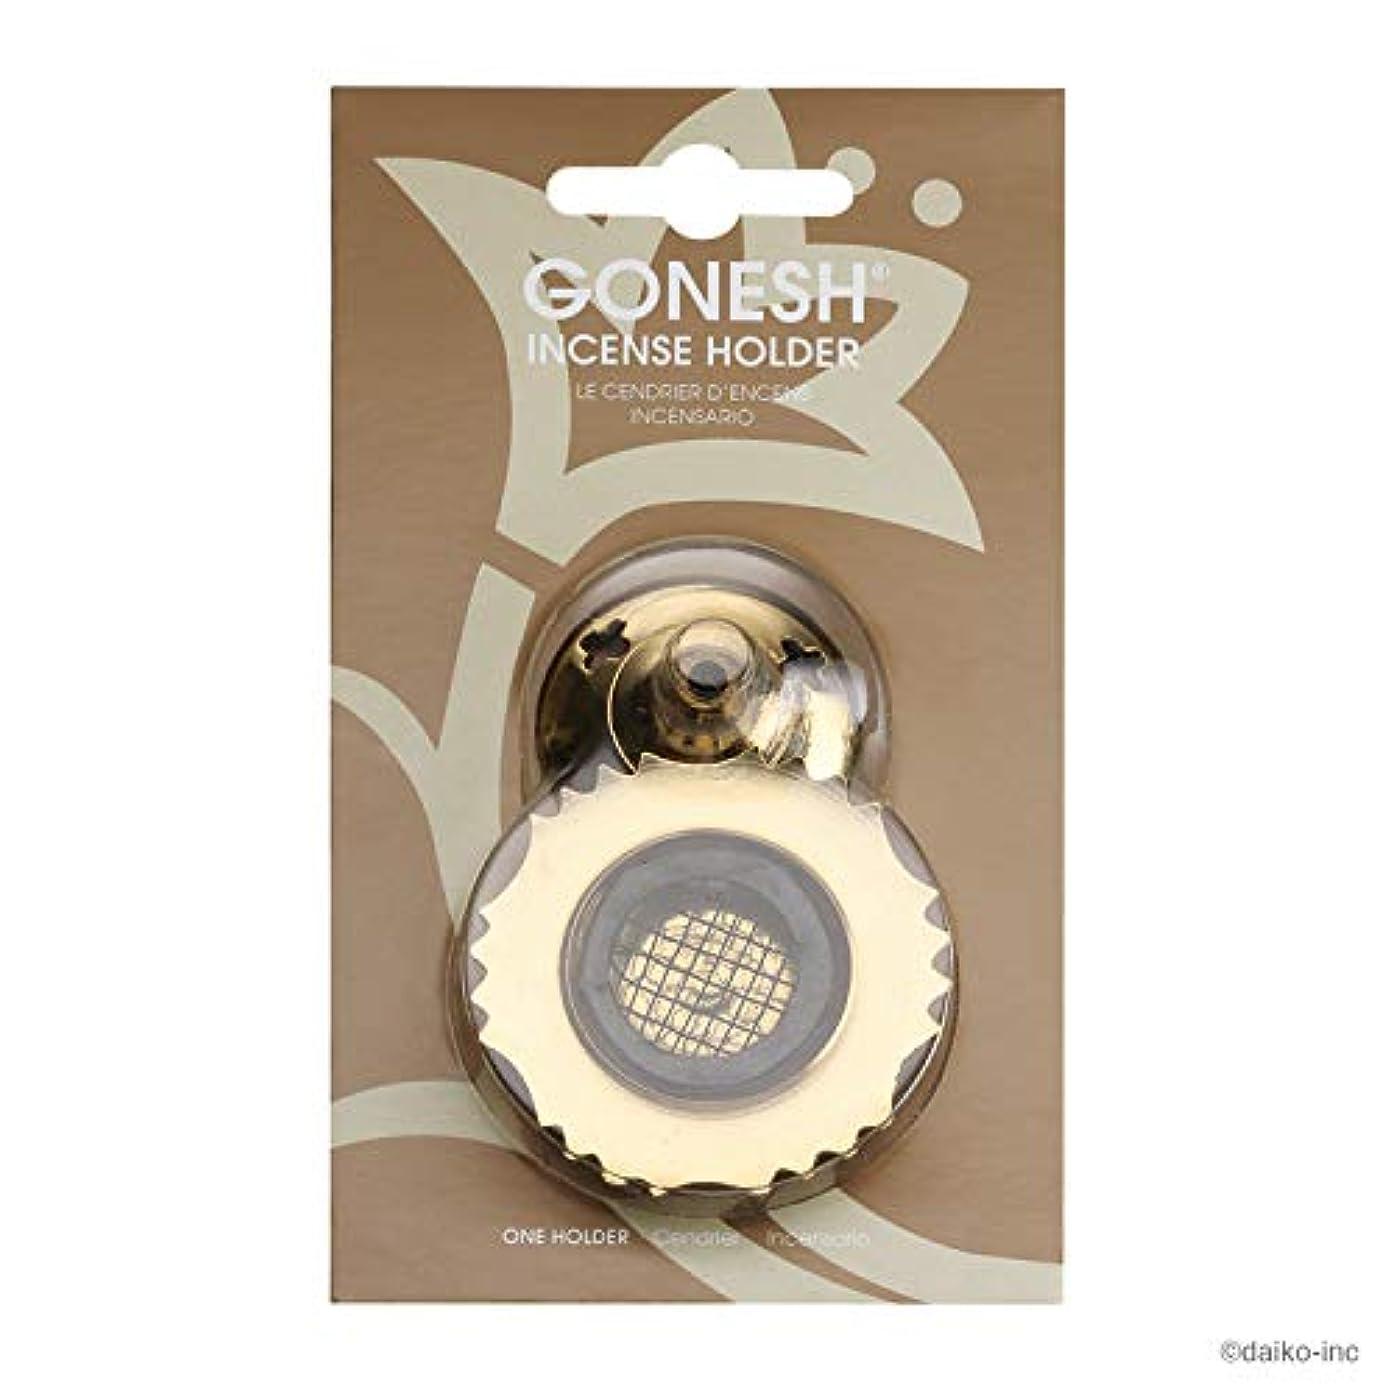 スペクトラムルーフ歩行者ガーネッシュ(GONESH) インセンスホルダー メッシュブラス (お香立て)